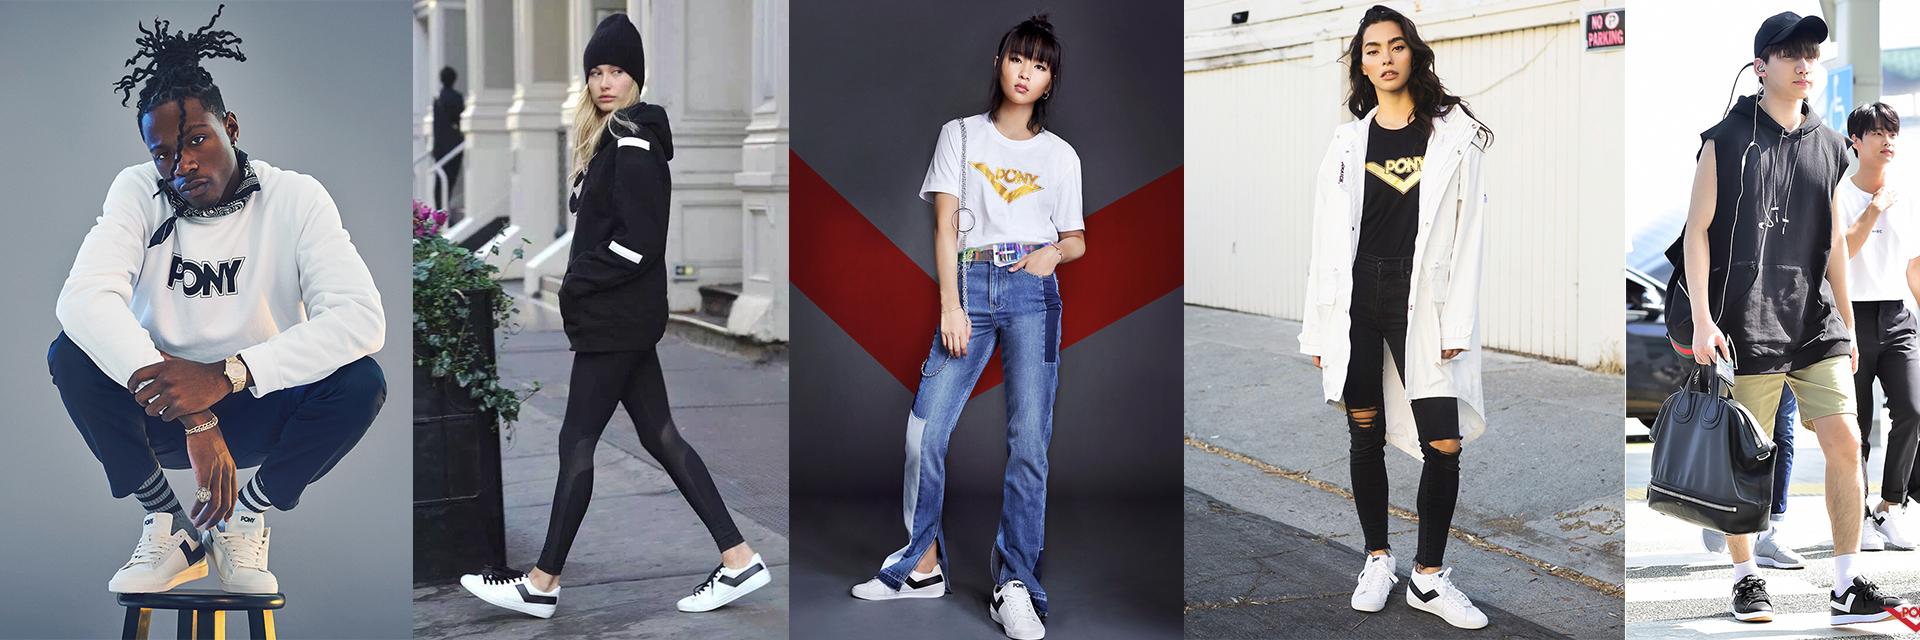 潮流女神 Adrianne Ho 與韓團 VIXX 搶曬鞋!連美國東岸饒舌歌手 Joey Bada$$ 也正式宣布聯名的鞋款是這雙